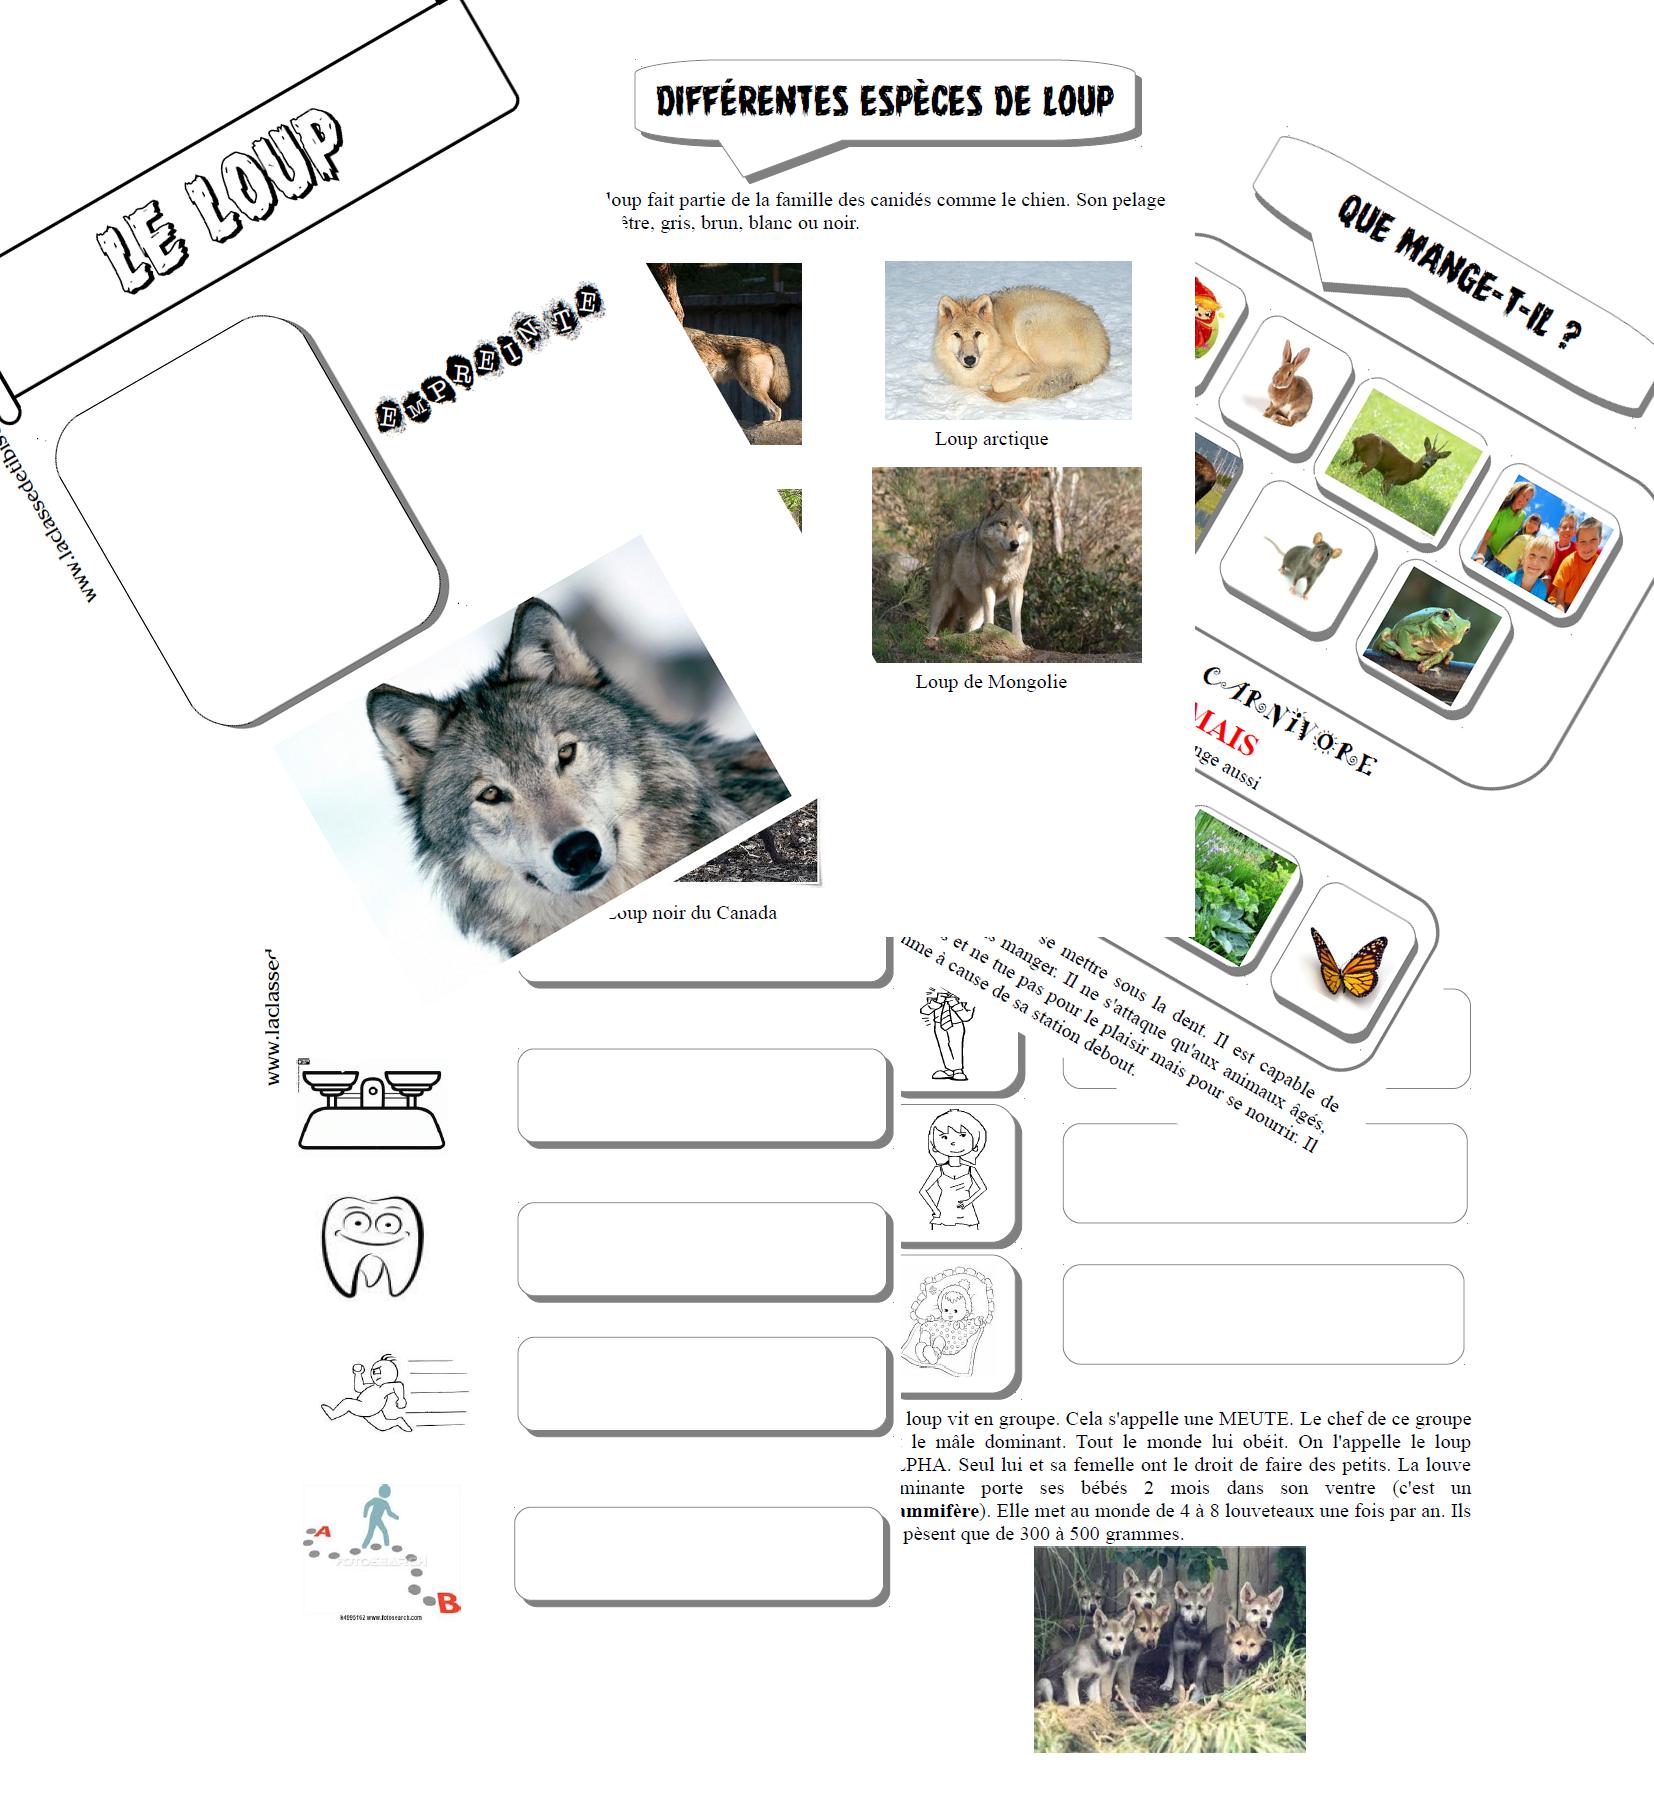 Le loup dossier documentaire compl ter ms au fil des blogs pinterest le loup - Differentes especes de pins ...